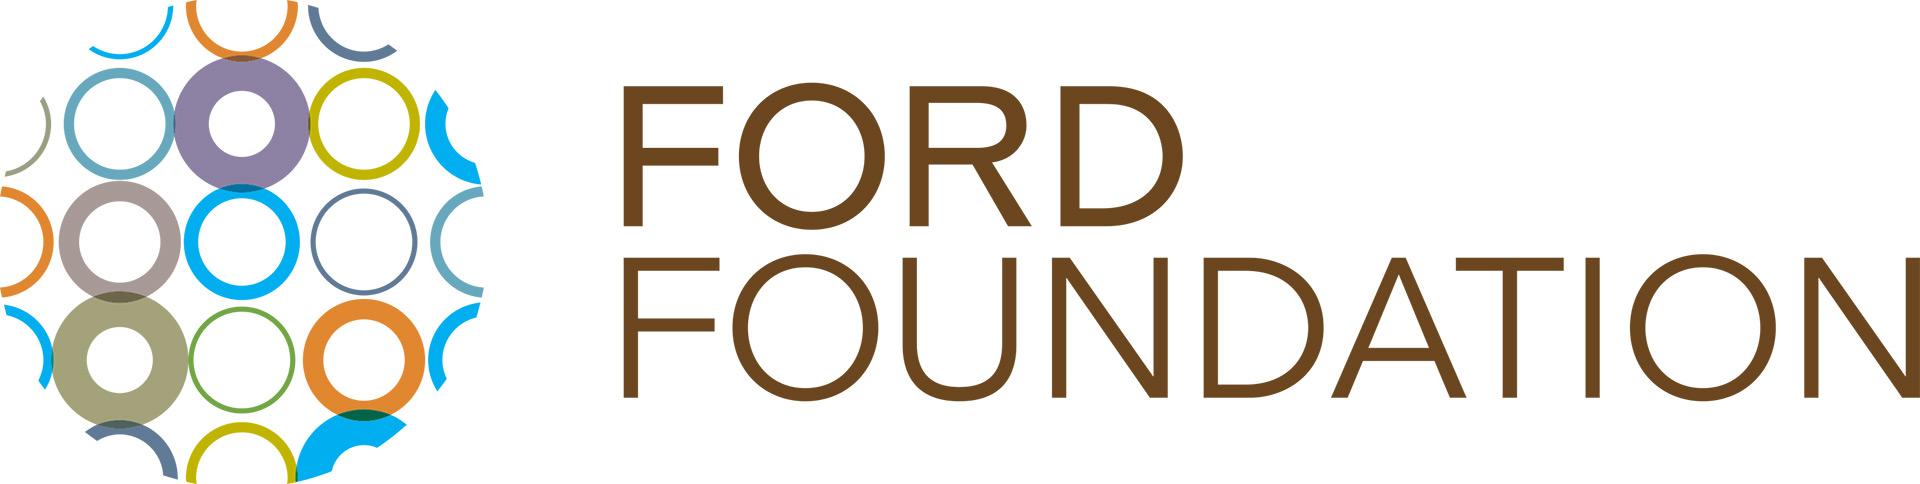 ford-foundation_logo_1_